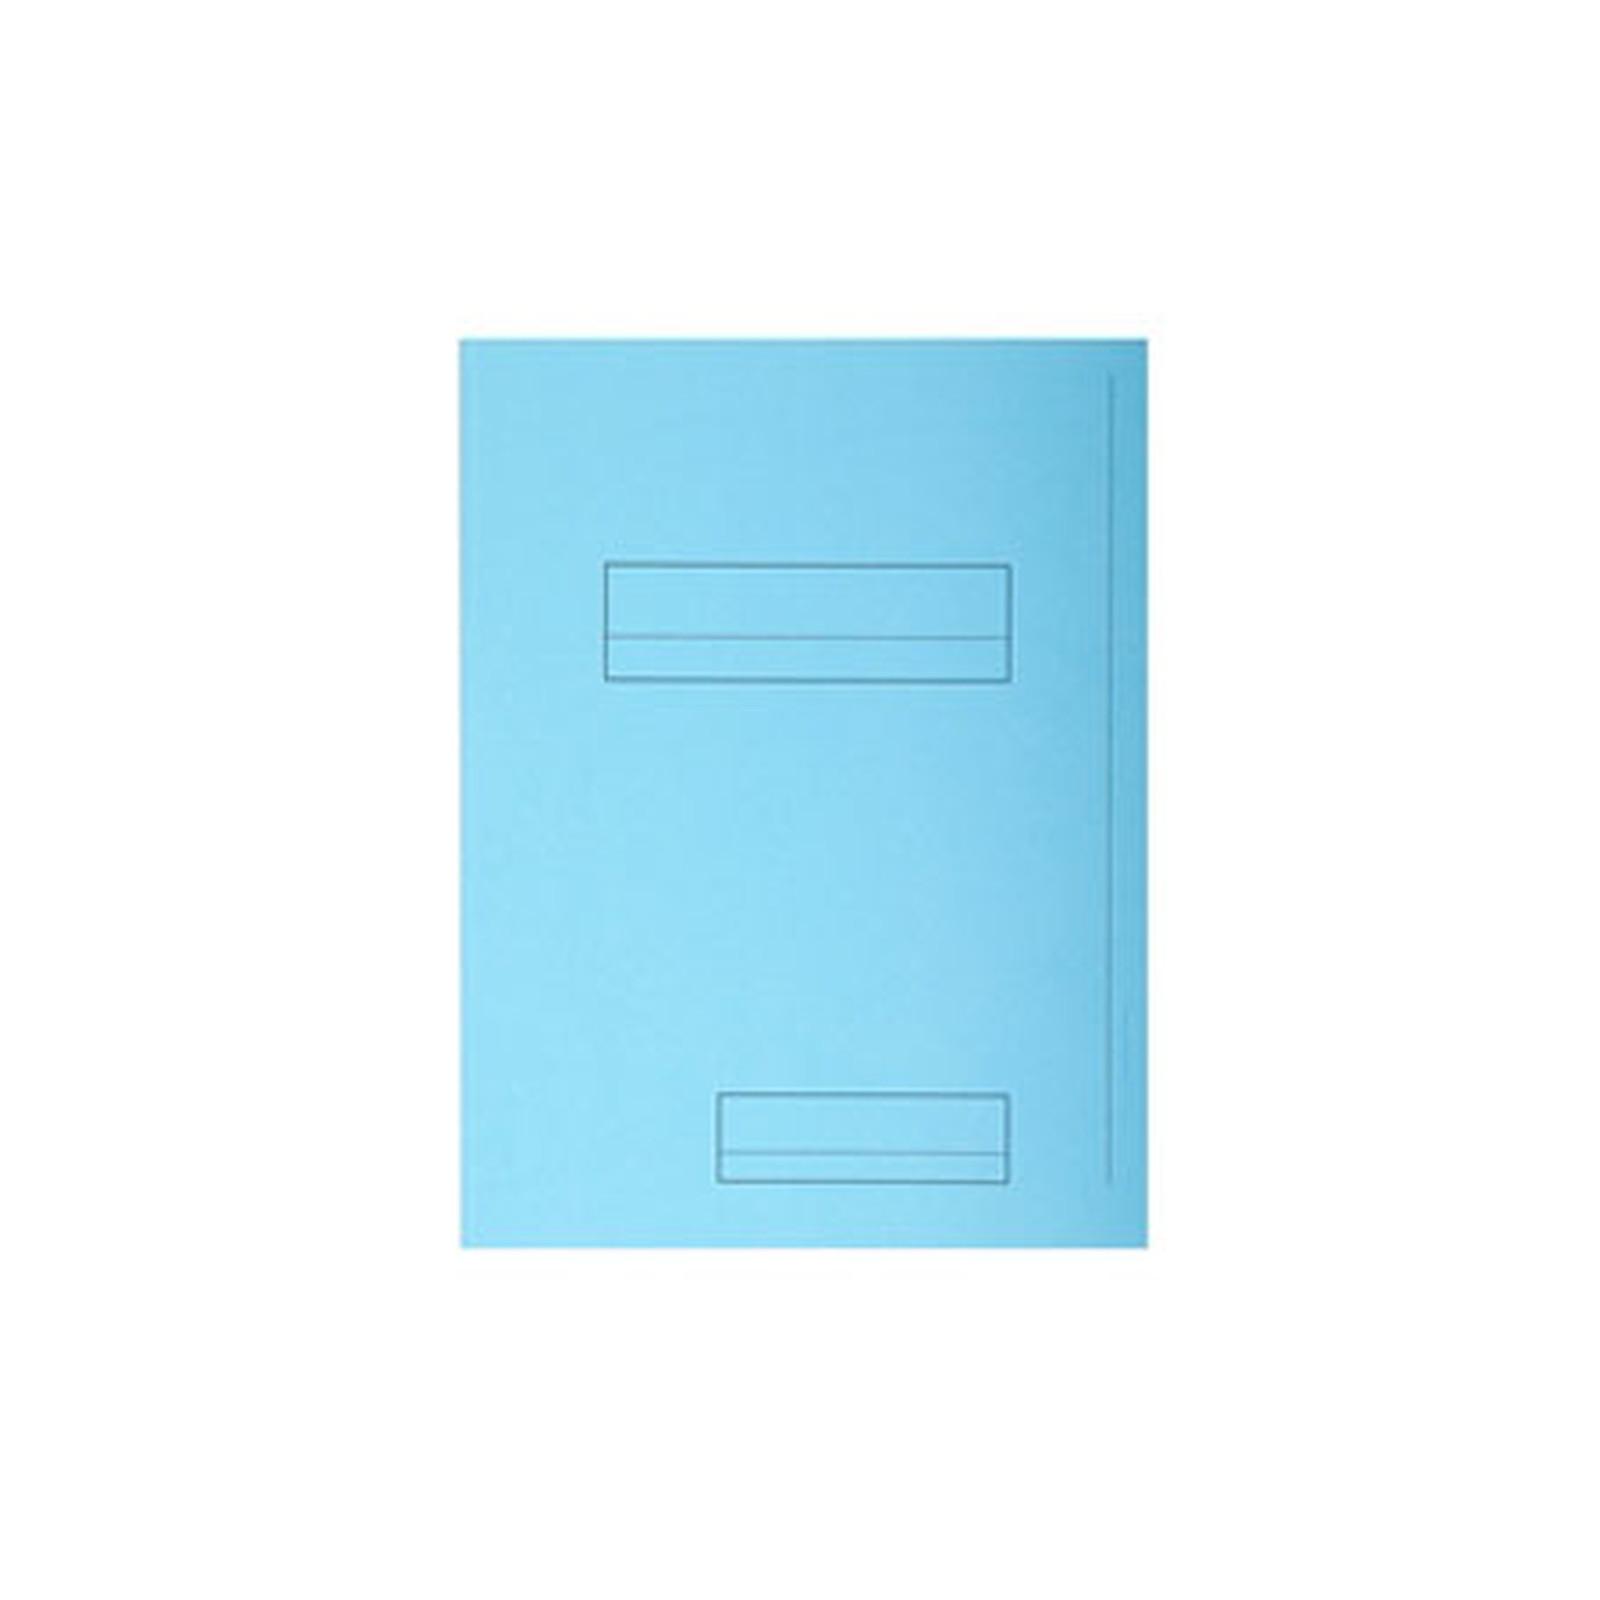 Rainex 50 Chemises à rabats latéral et pied de 10 cm semi-rigides 250 g 24 x 31.5 cm Bleu